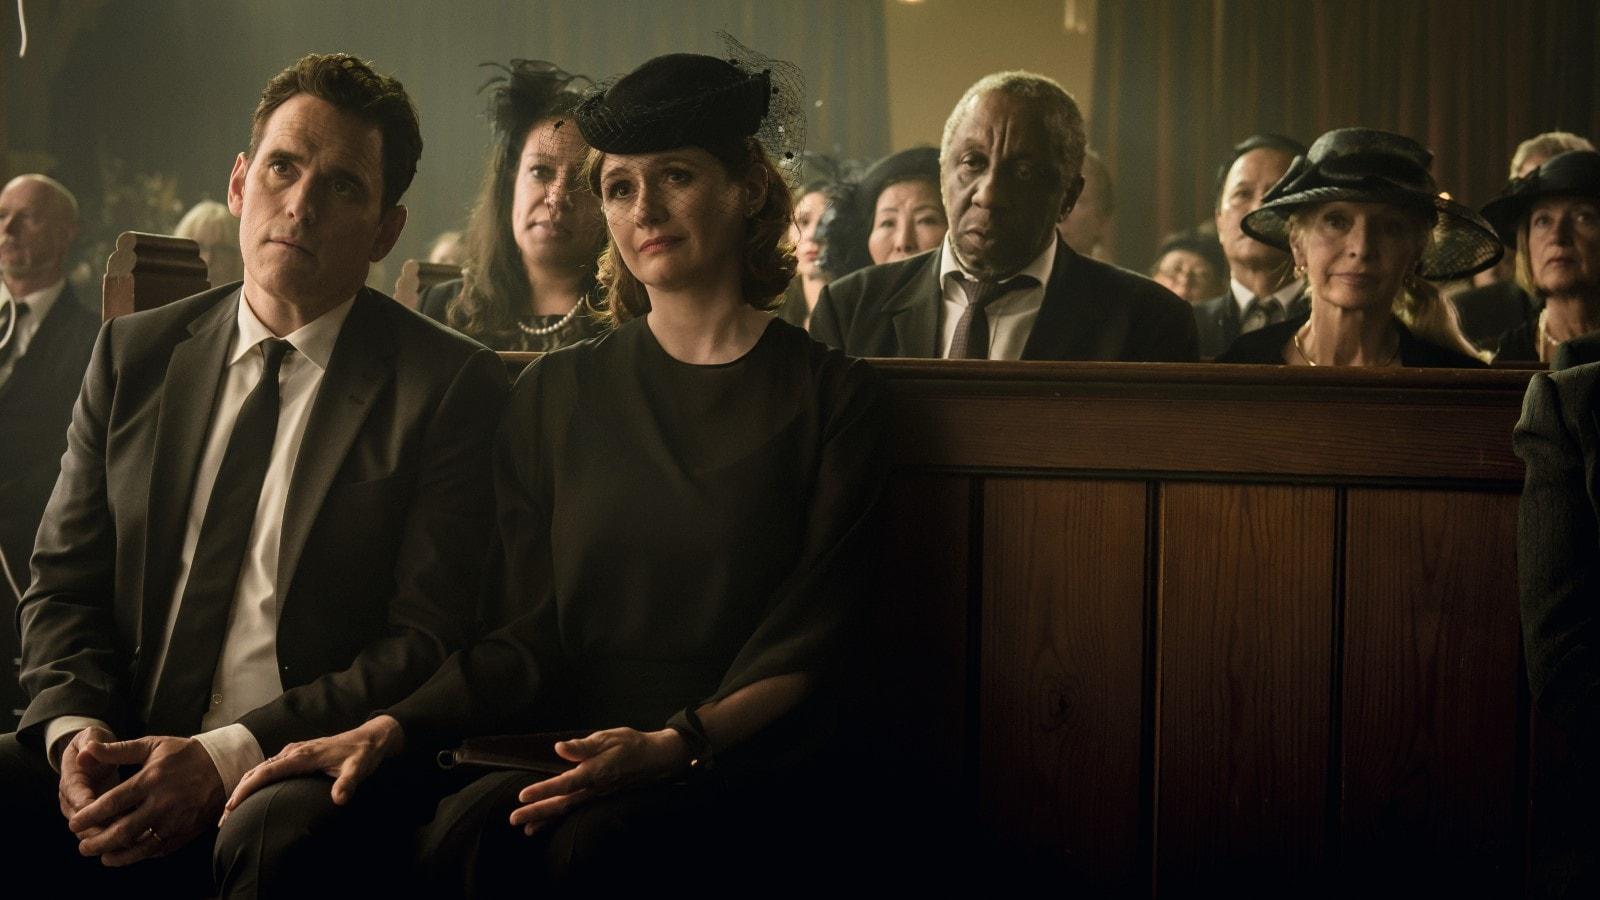 Un viaggio indimenticabile: una scena con Emily Mortimer e Matt Dillon